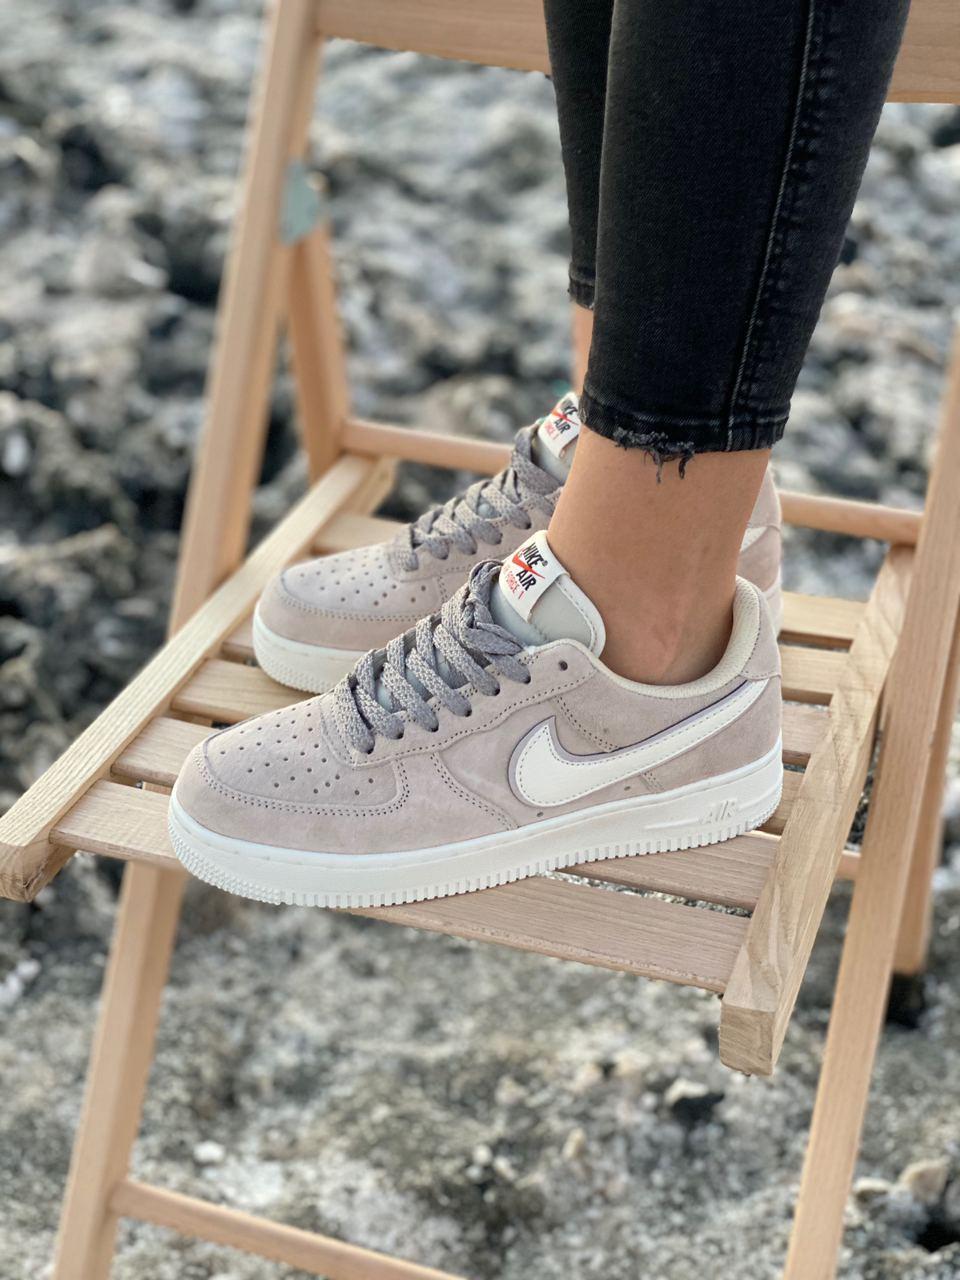 Кроссовки женские Nike Air Force Reflective, серые